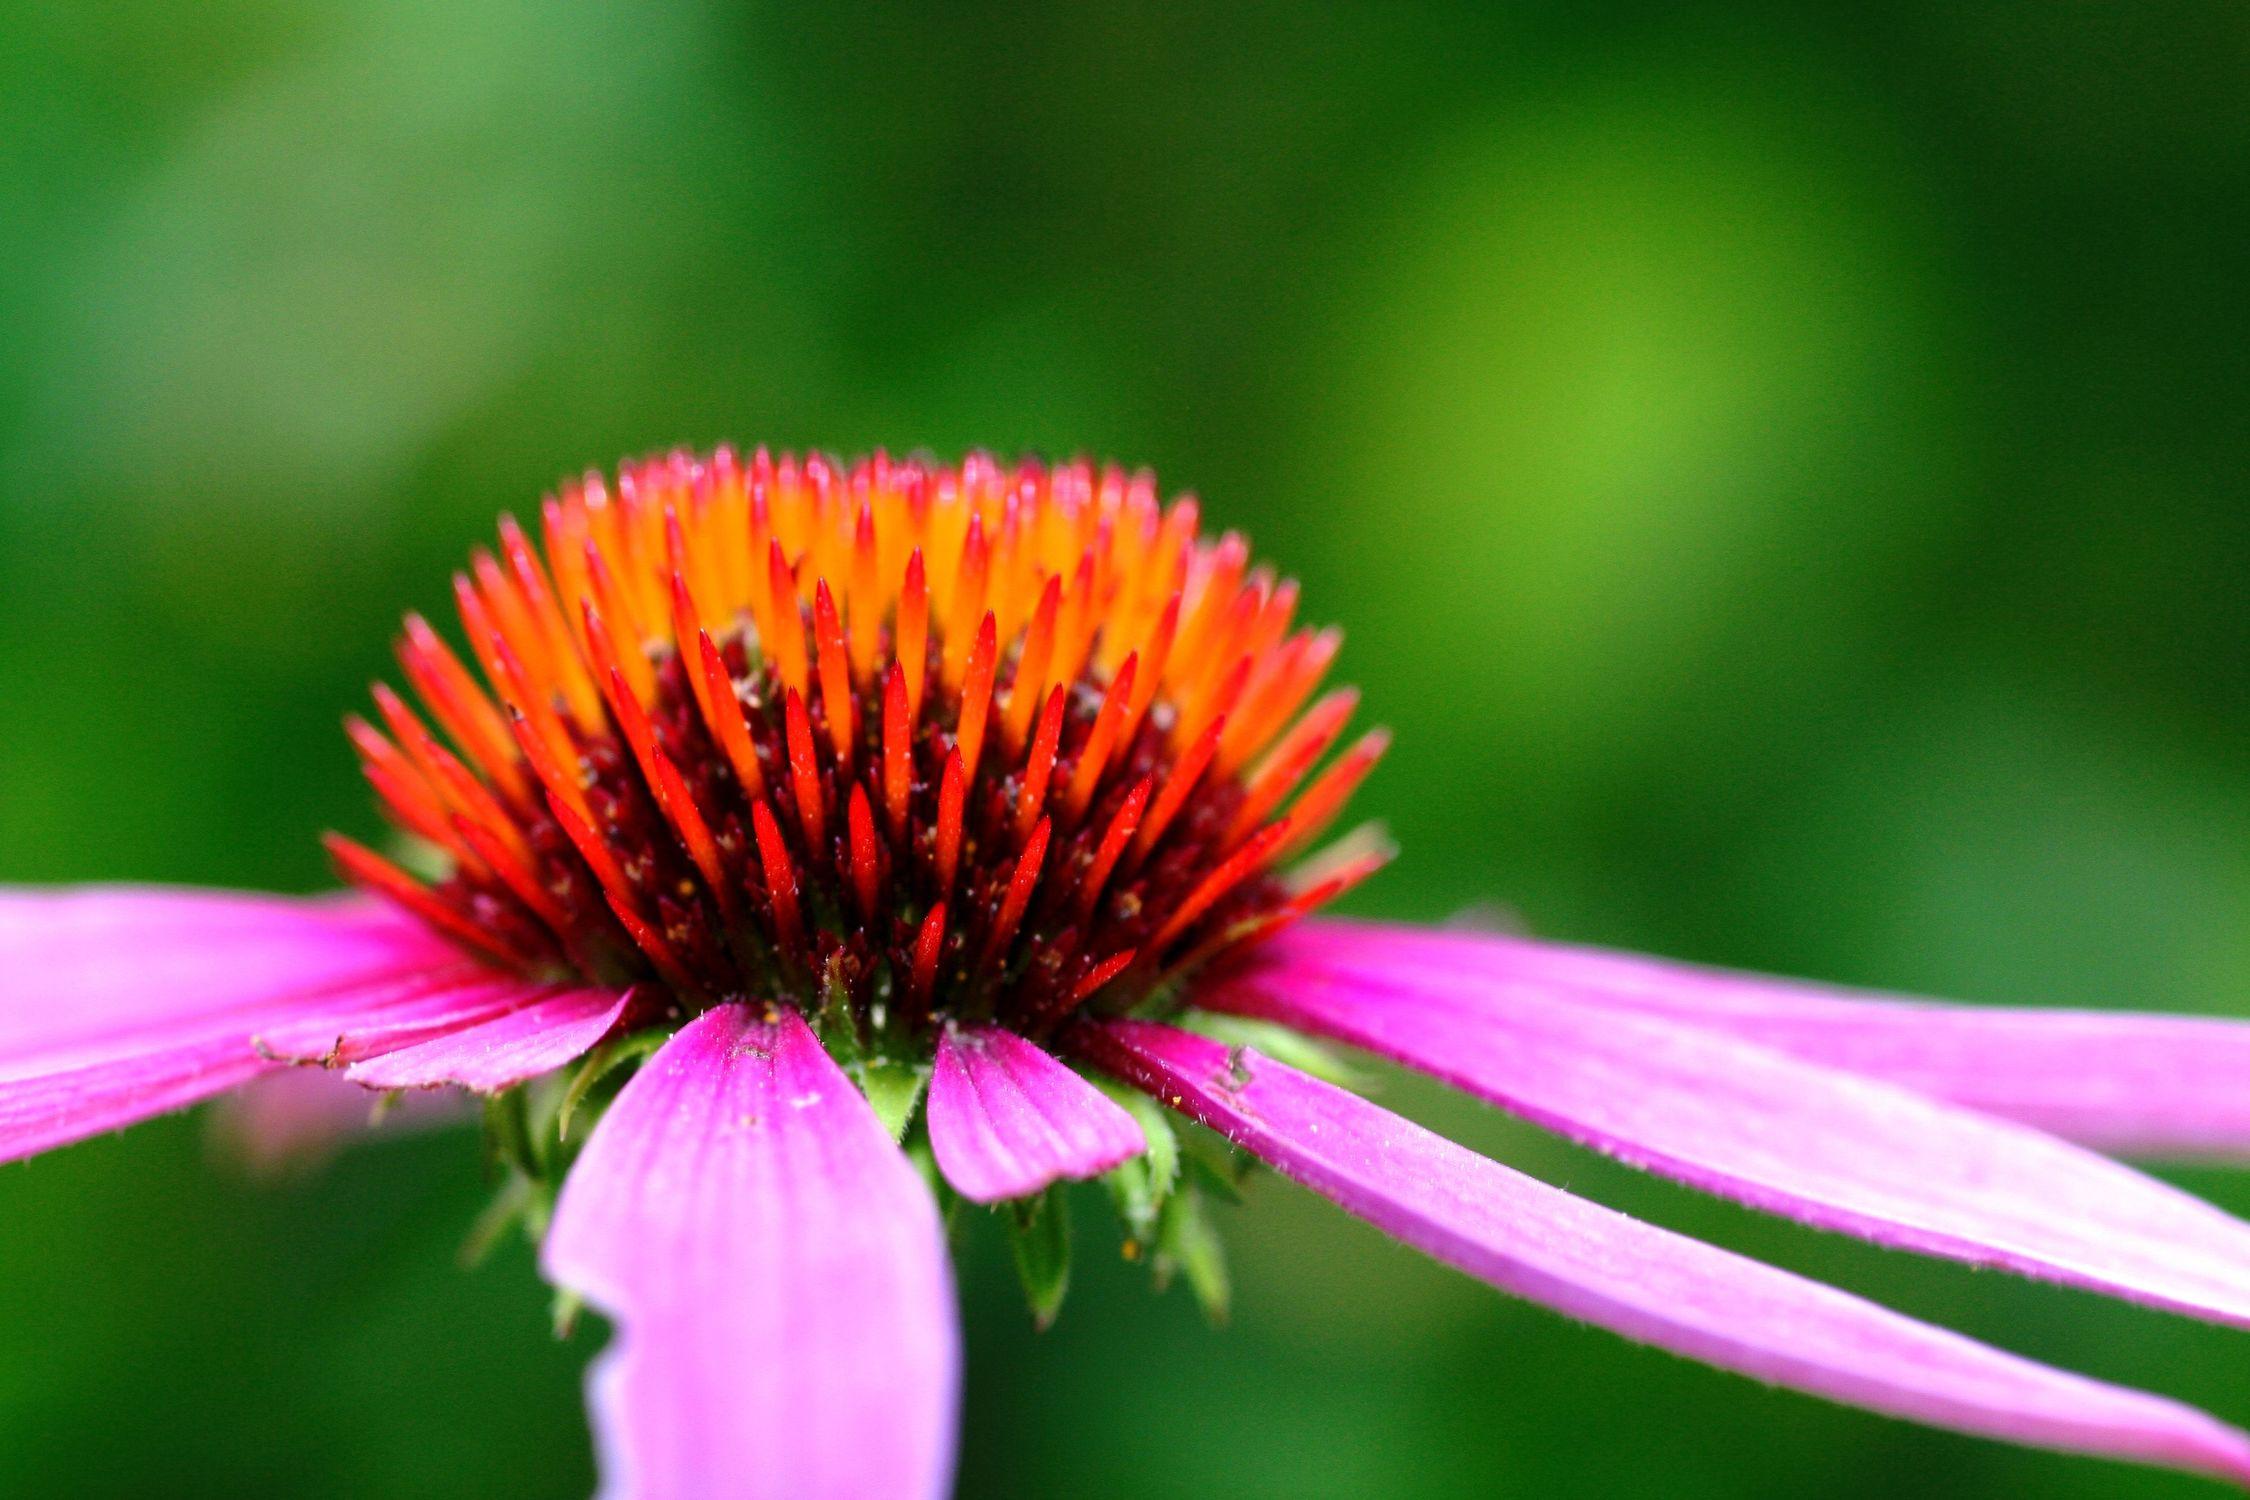 Bild mit Farben, Natur, Pflanzen, Blumen, Rosa, Korbblütler, Sonnenhüte, Blume, Pflanze, Flower